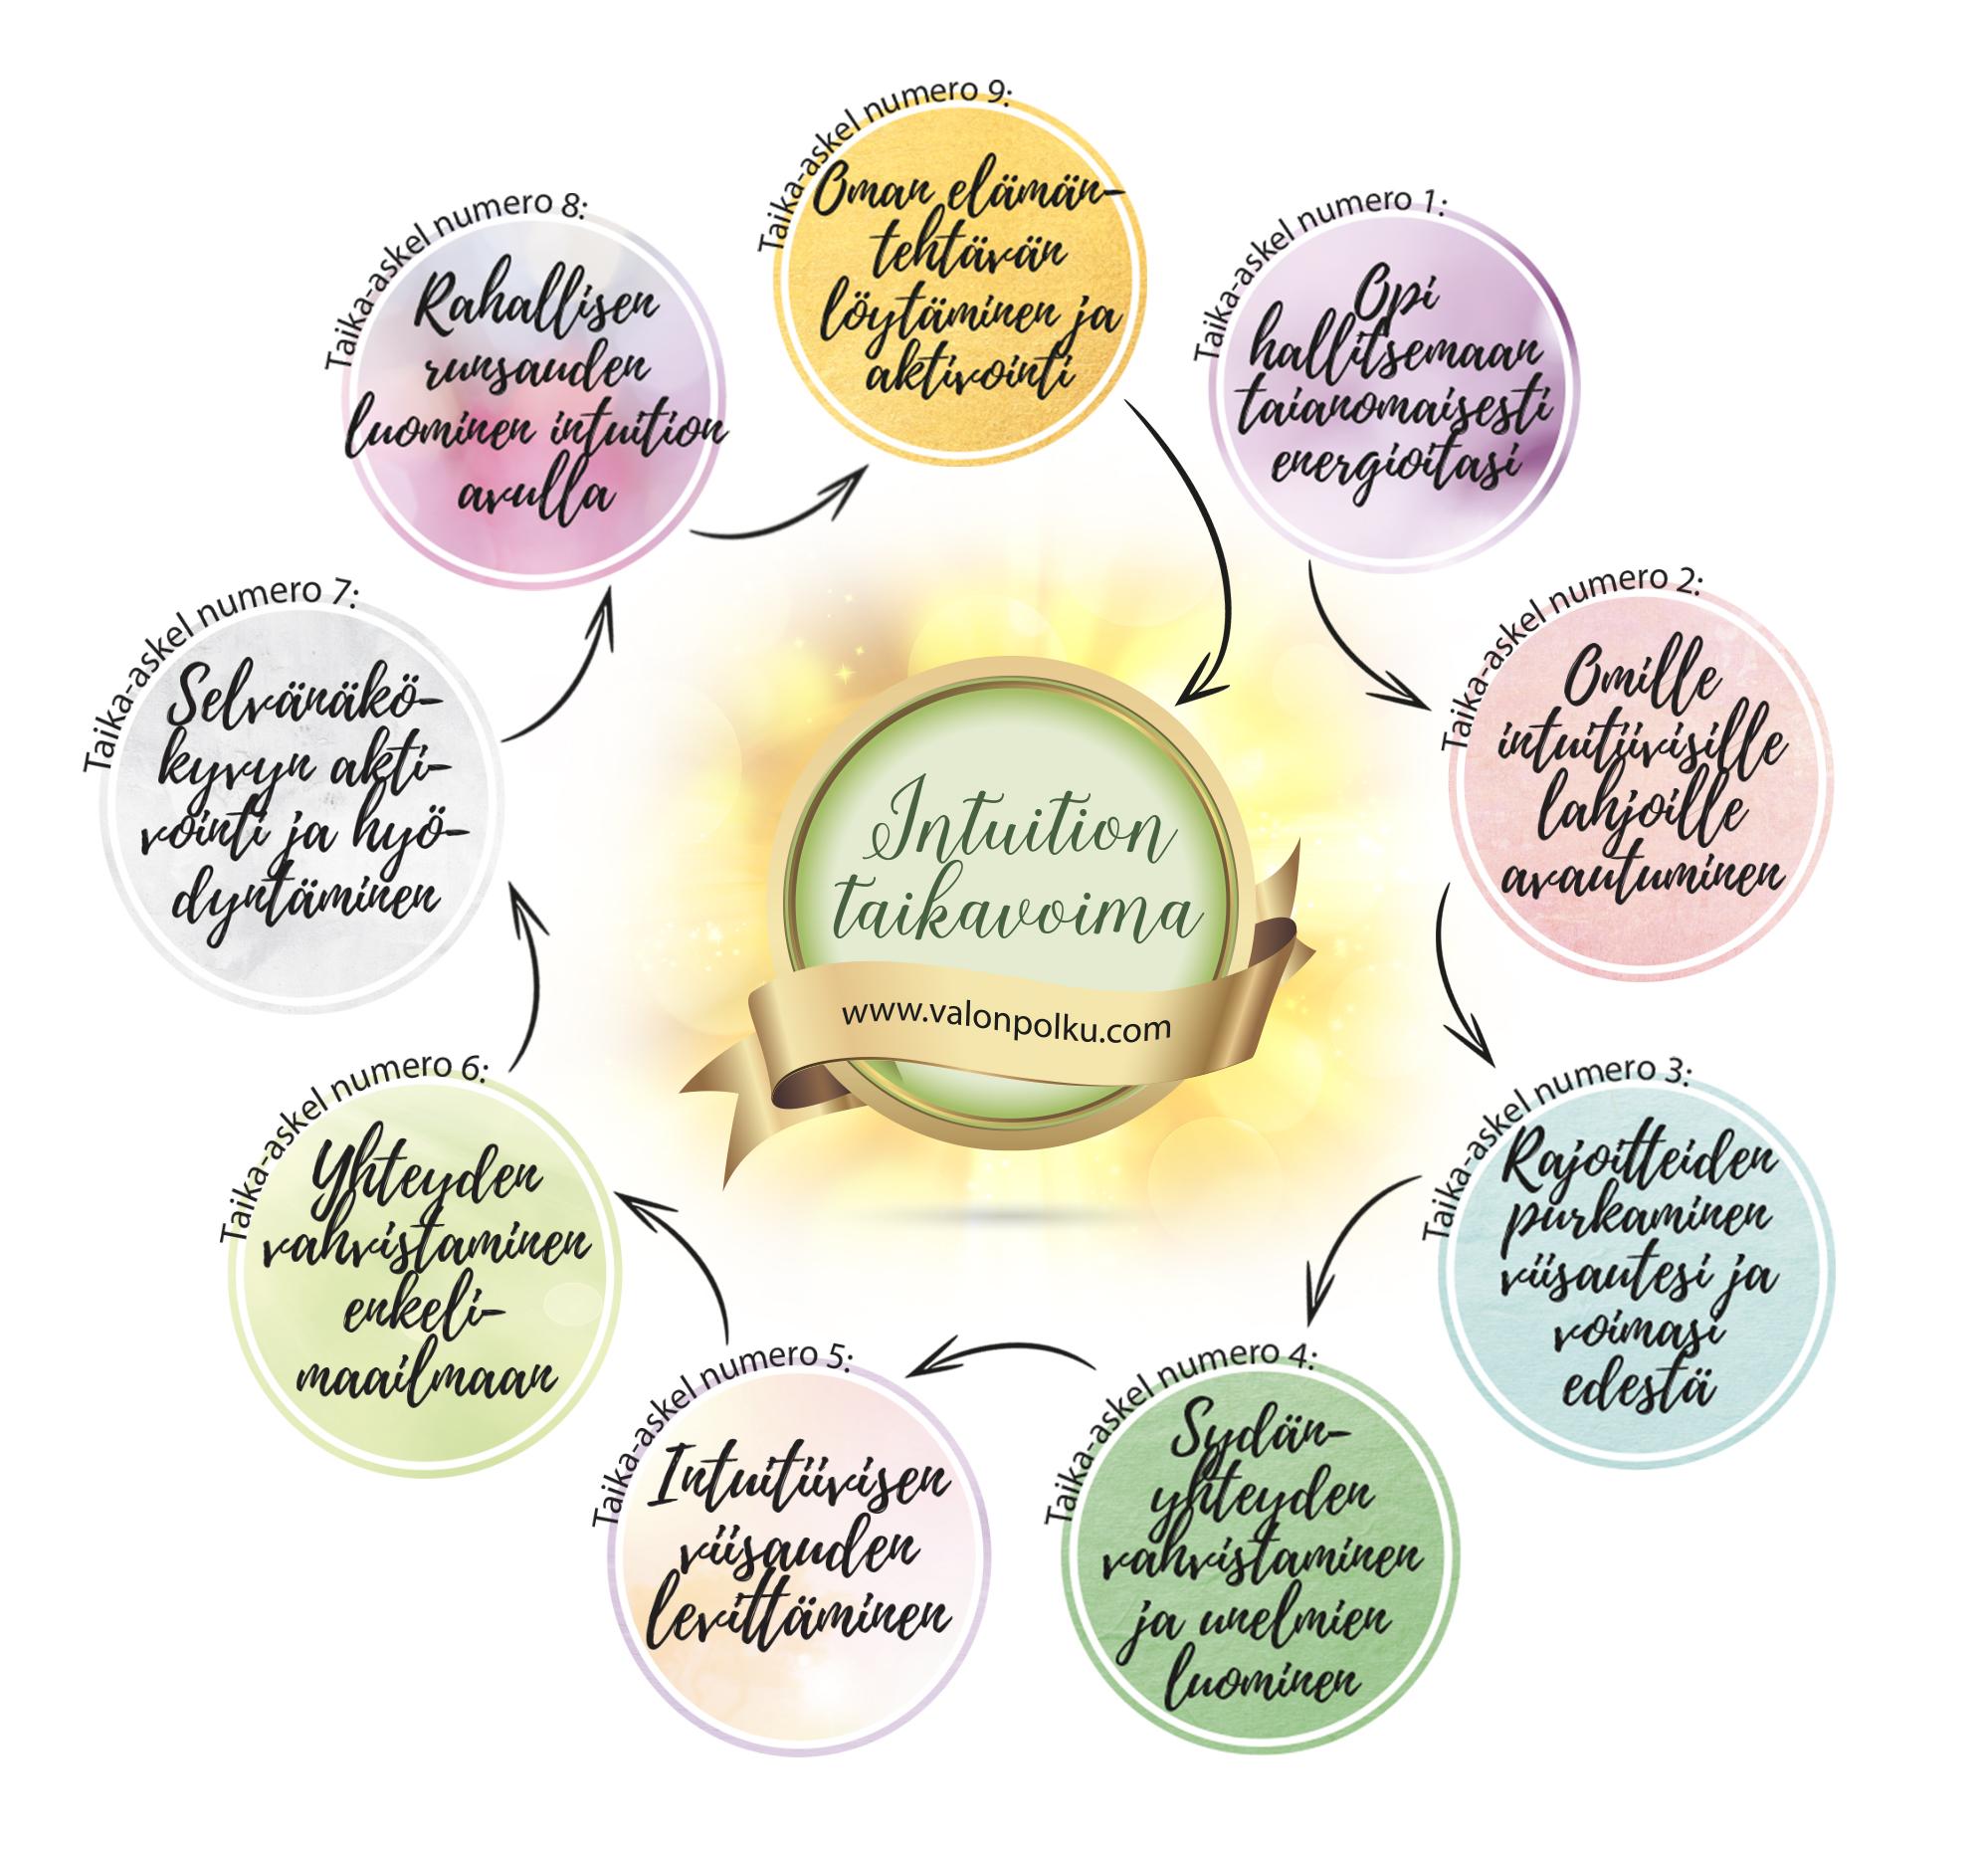 askeleet-intuition-taikavoimaan